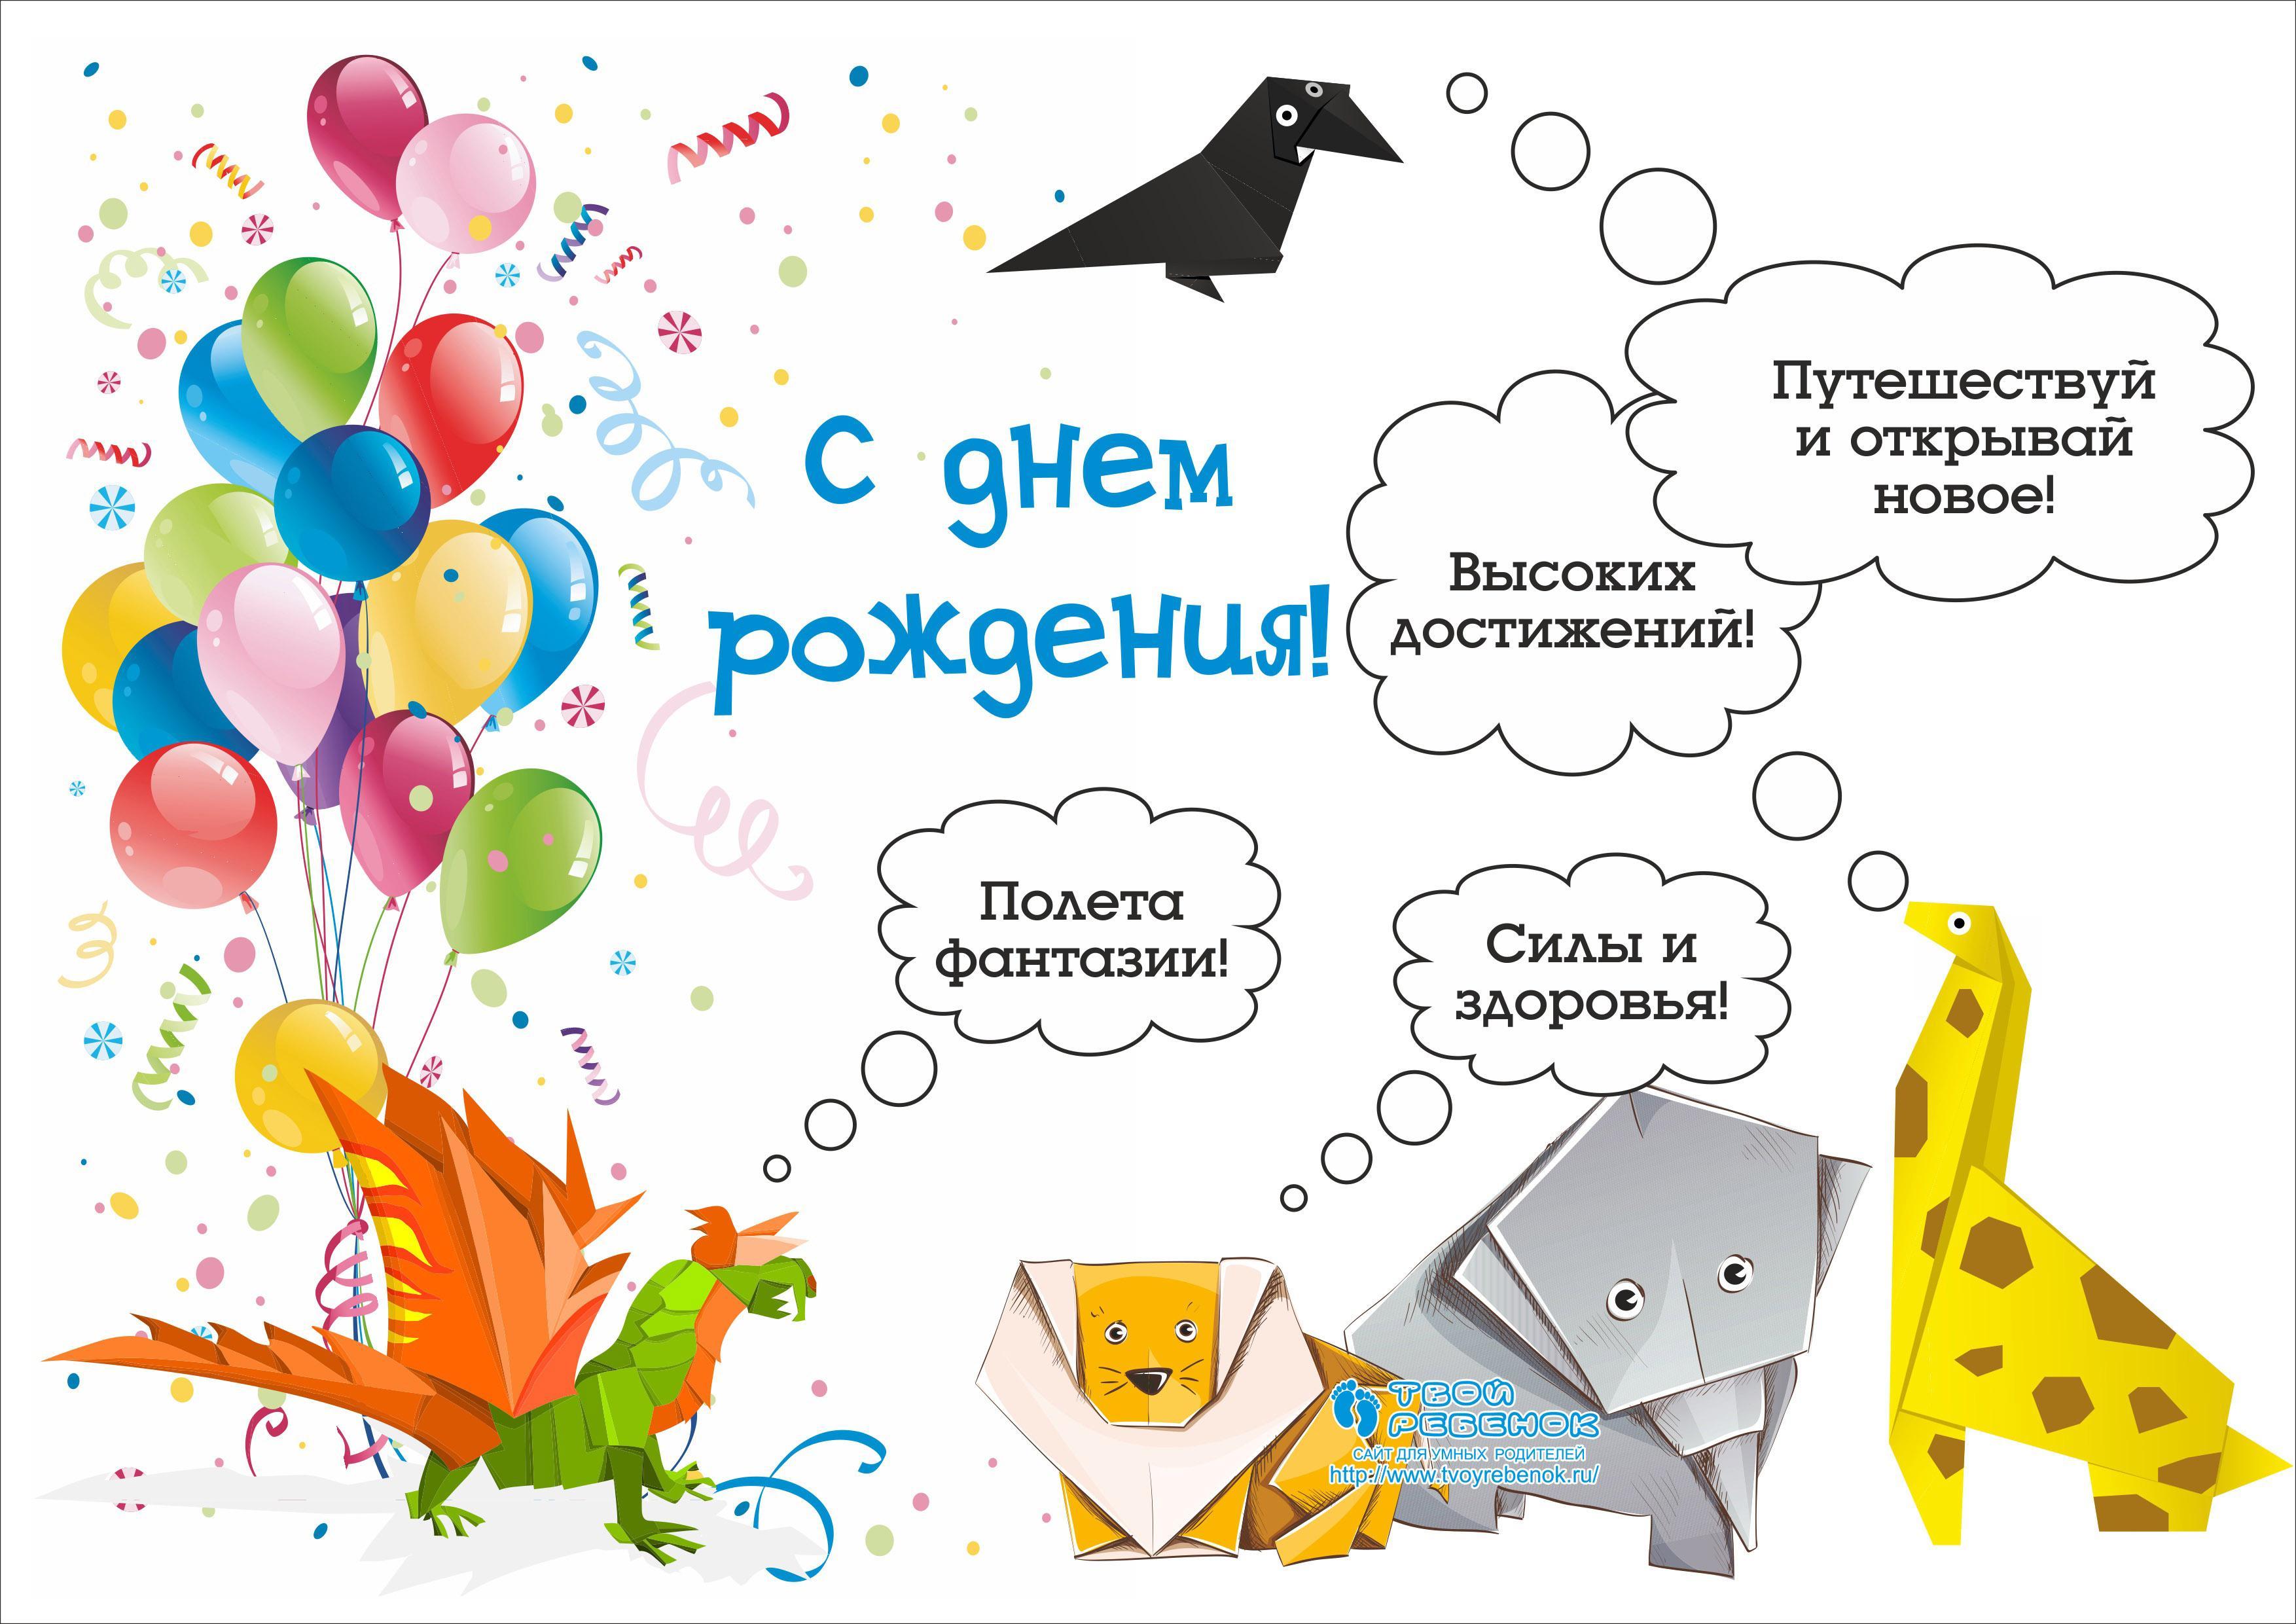 Оригинальное и короткое поздравление с днем рождения